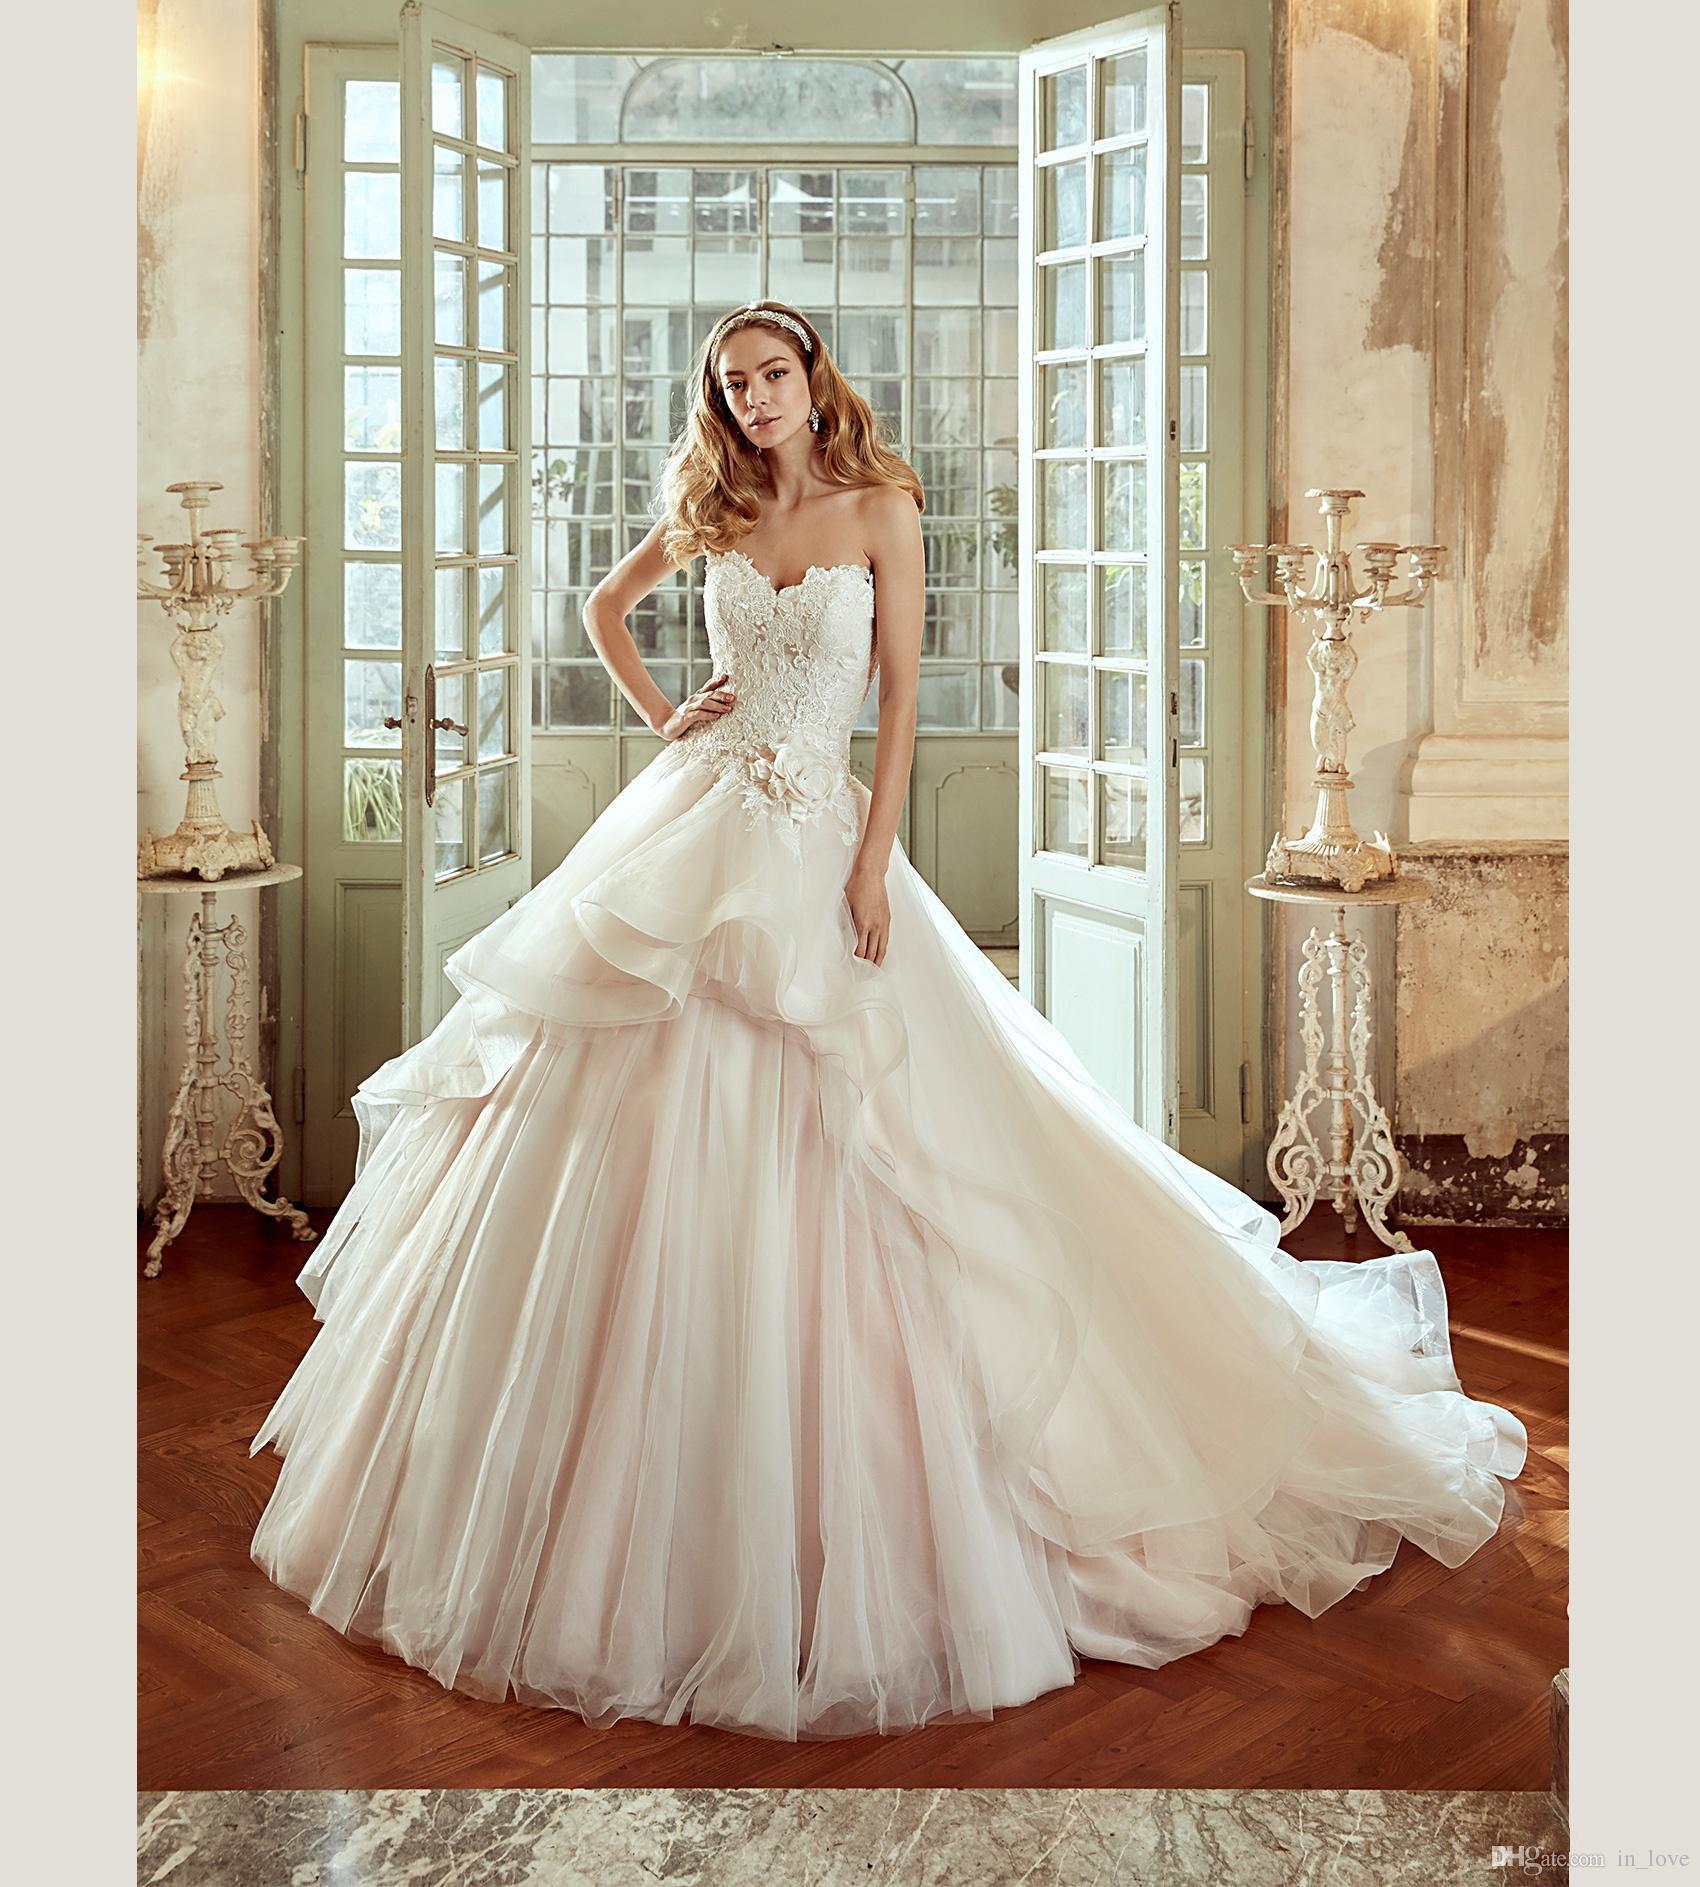 Abnehmbarer Rock Hochzeitskleid Schatz handgemachte Blume Spitze Tüll kurze vordere lange hintere Brautkleider nach Maß